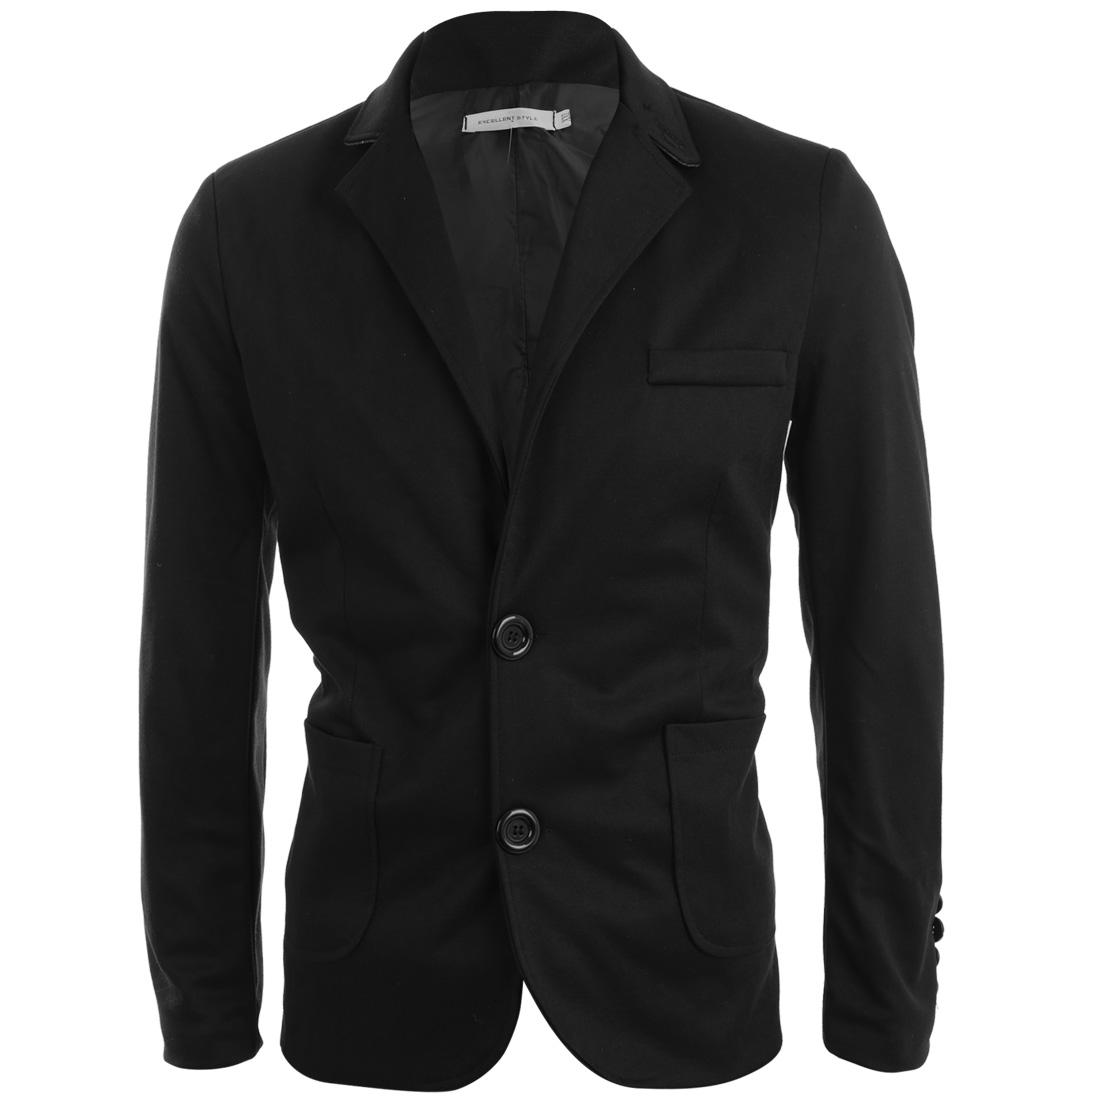 Men Convertible Collar Two Button Pockets Design Blazer Black S